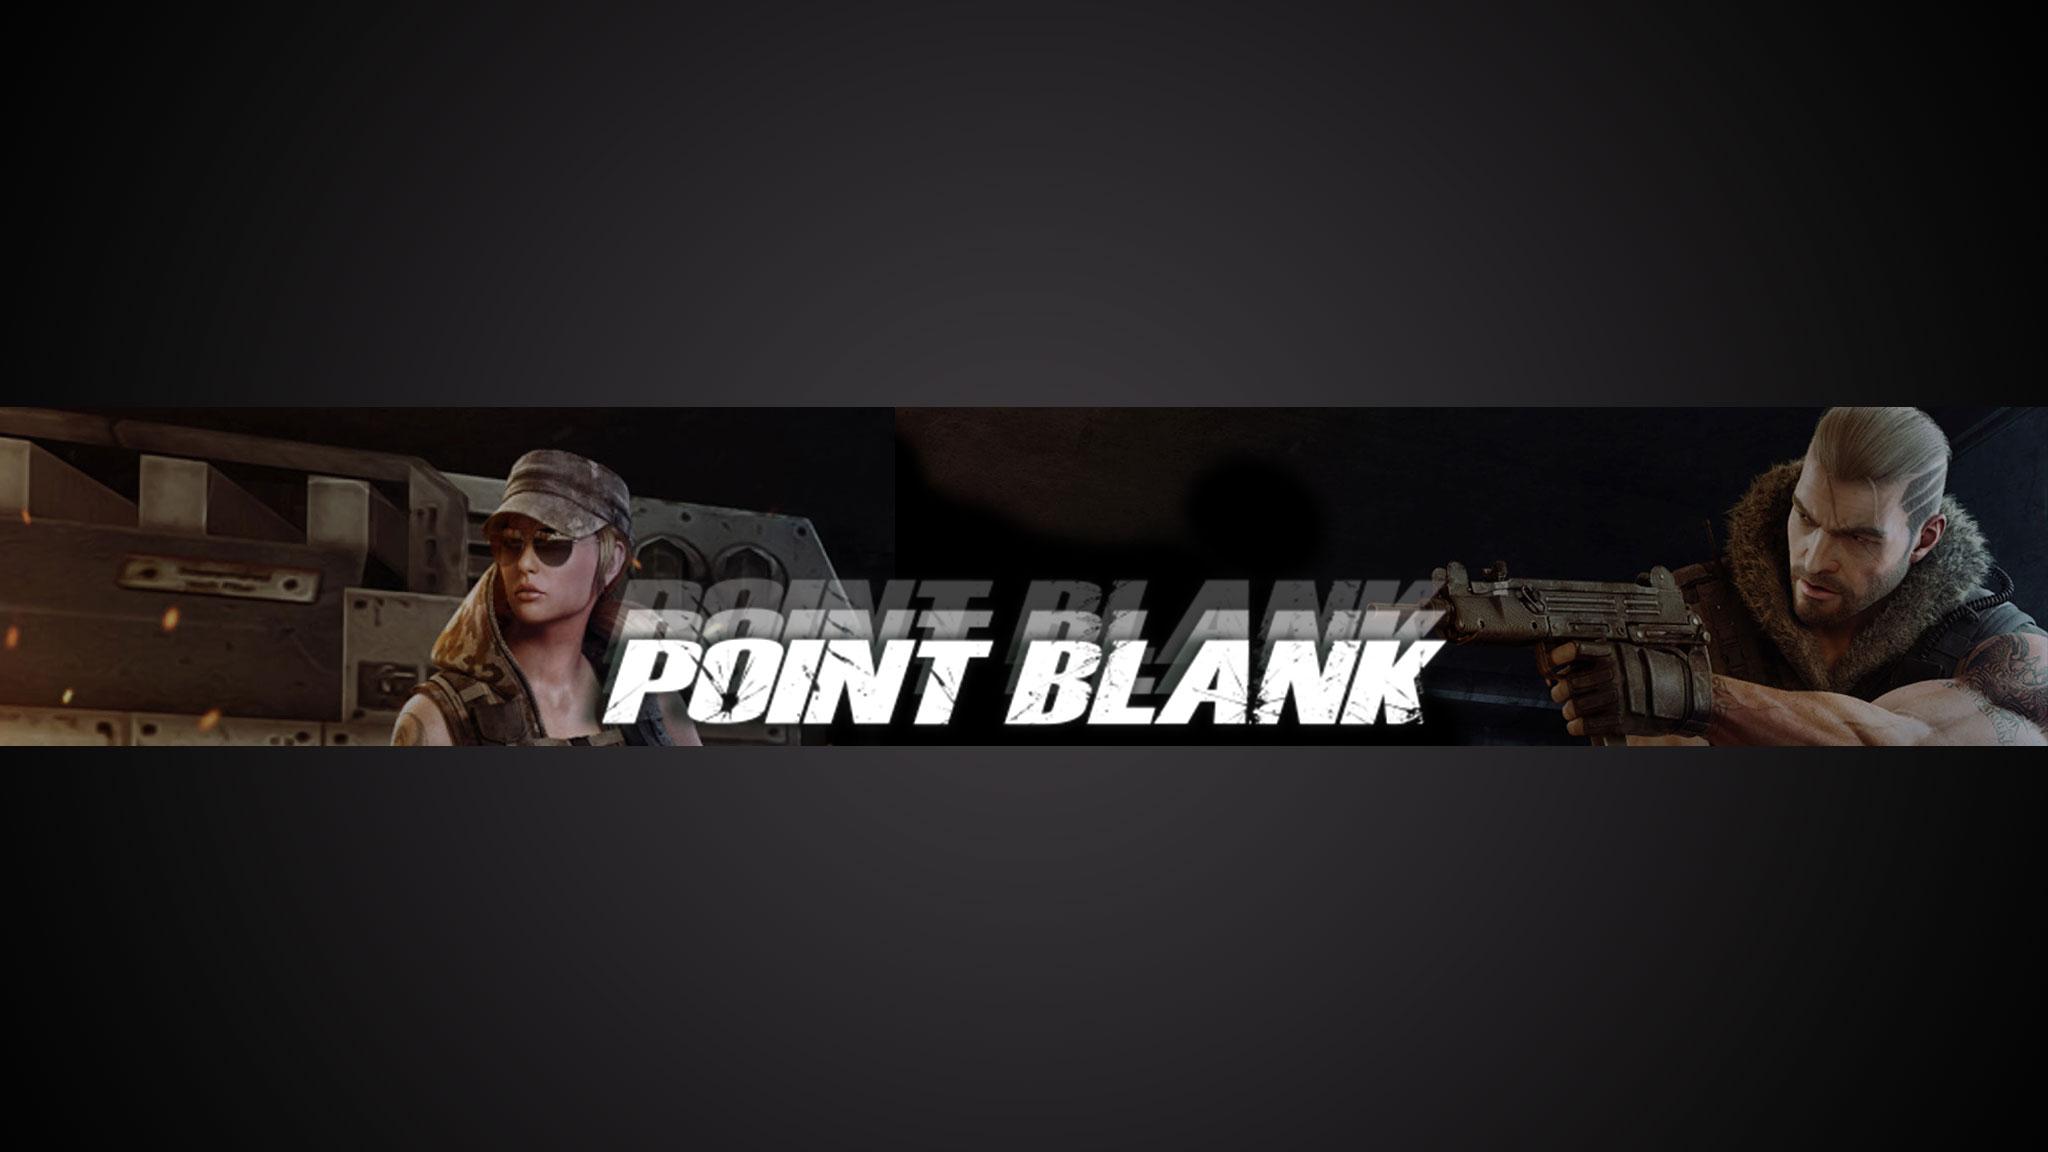 Картинка с текстом - готовая шапка для ютуба 2048x1152 по игре Point Blank с двумя персонажами на тёмном фоне.